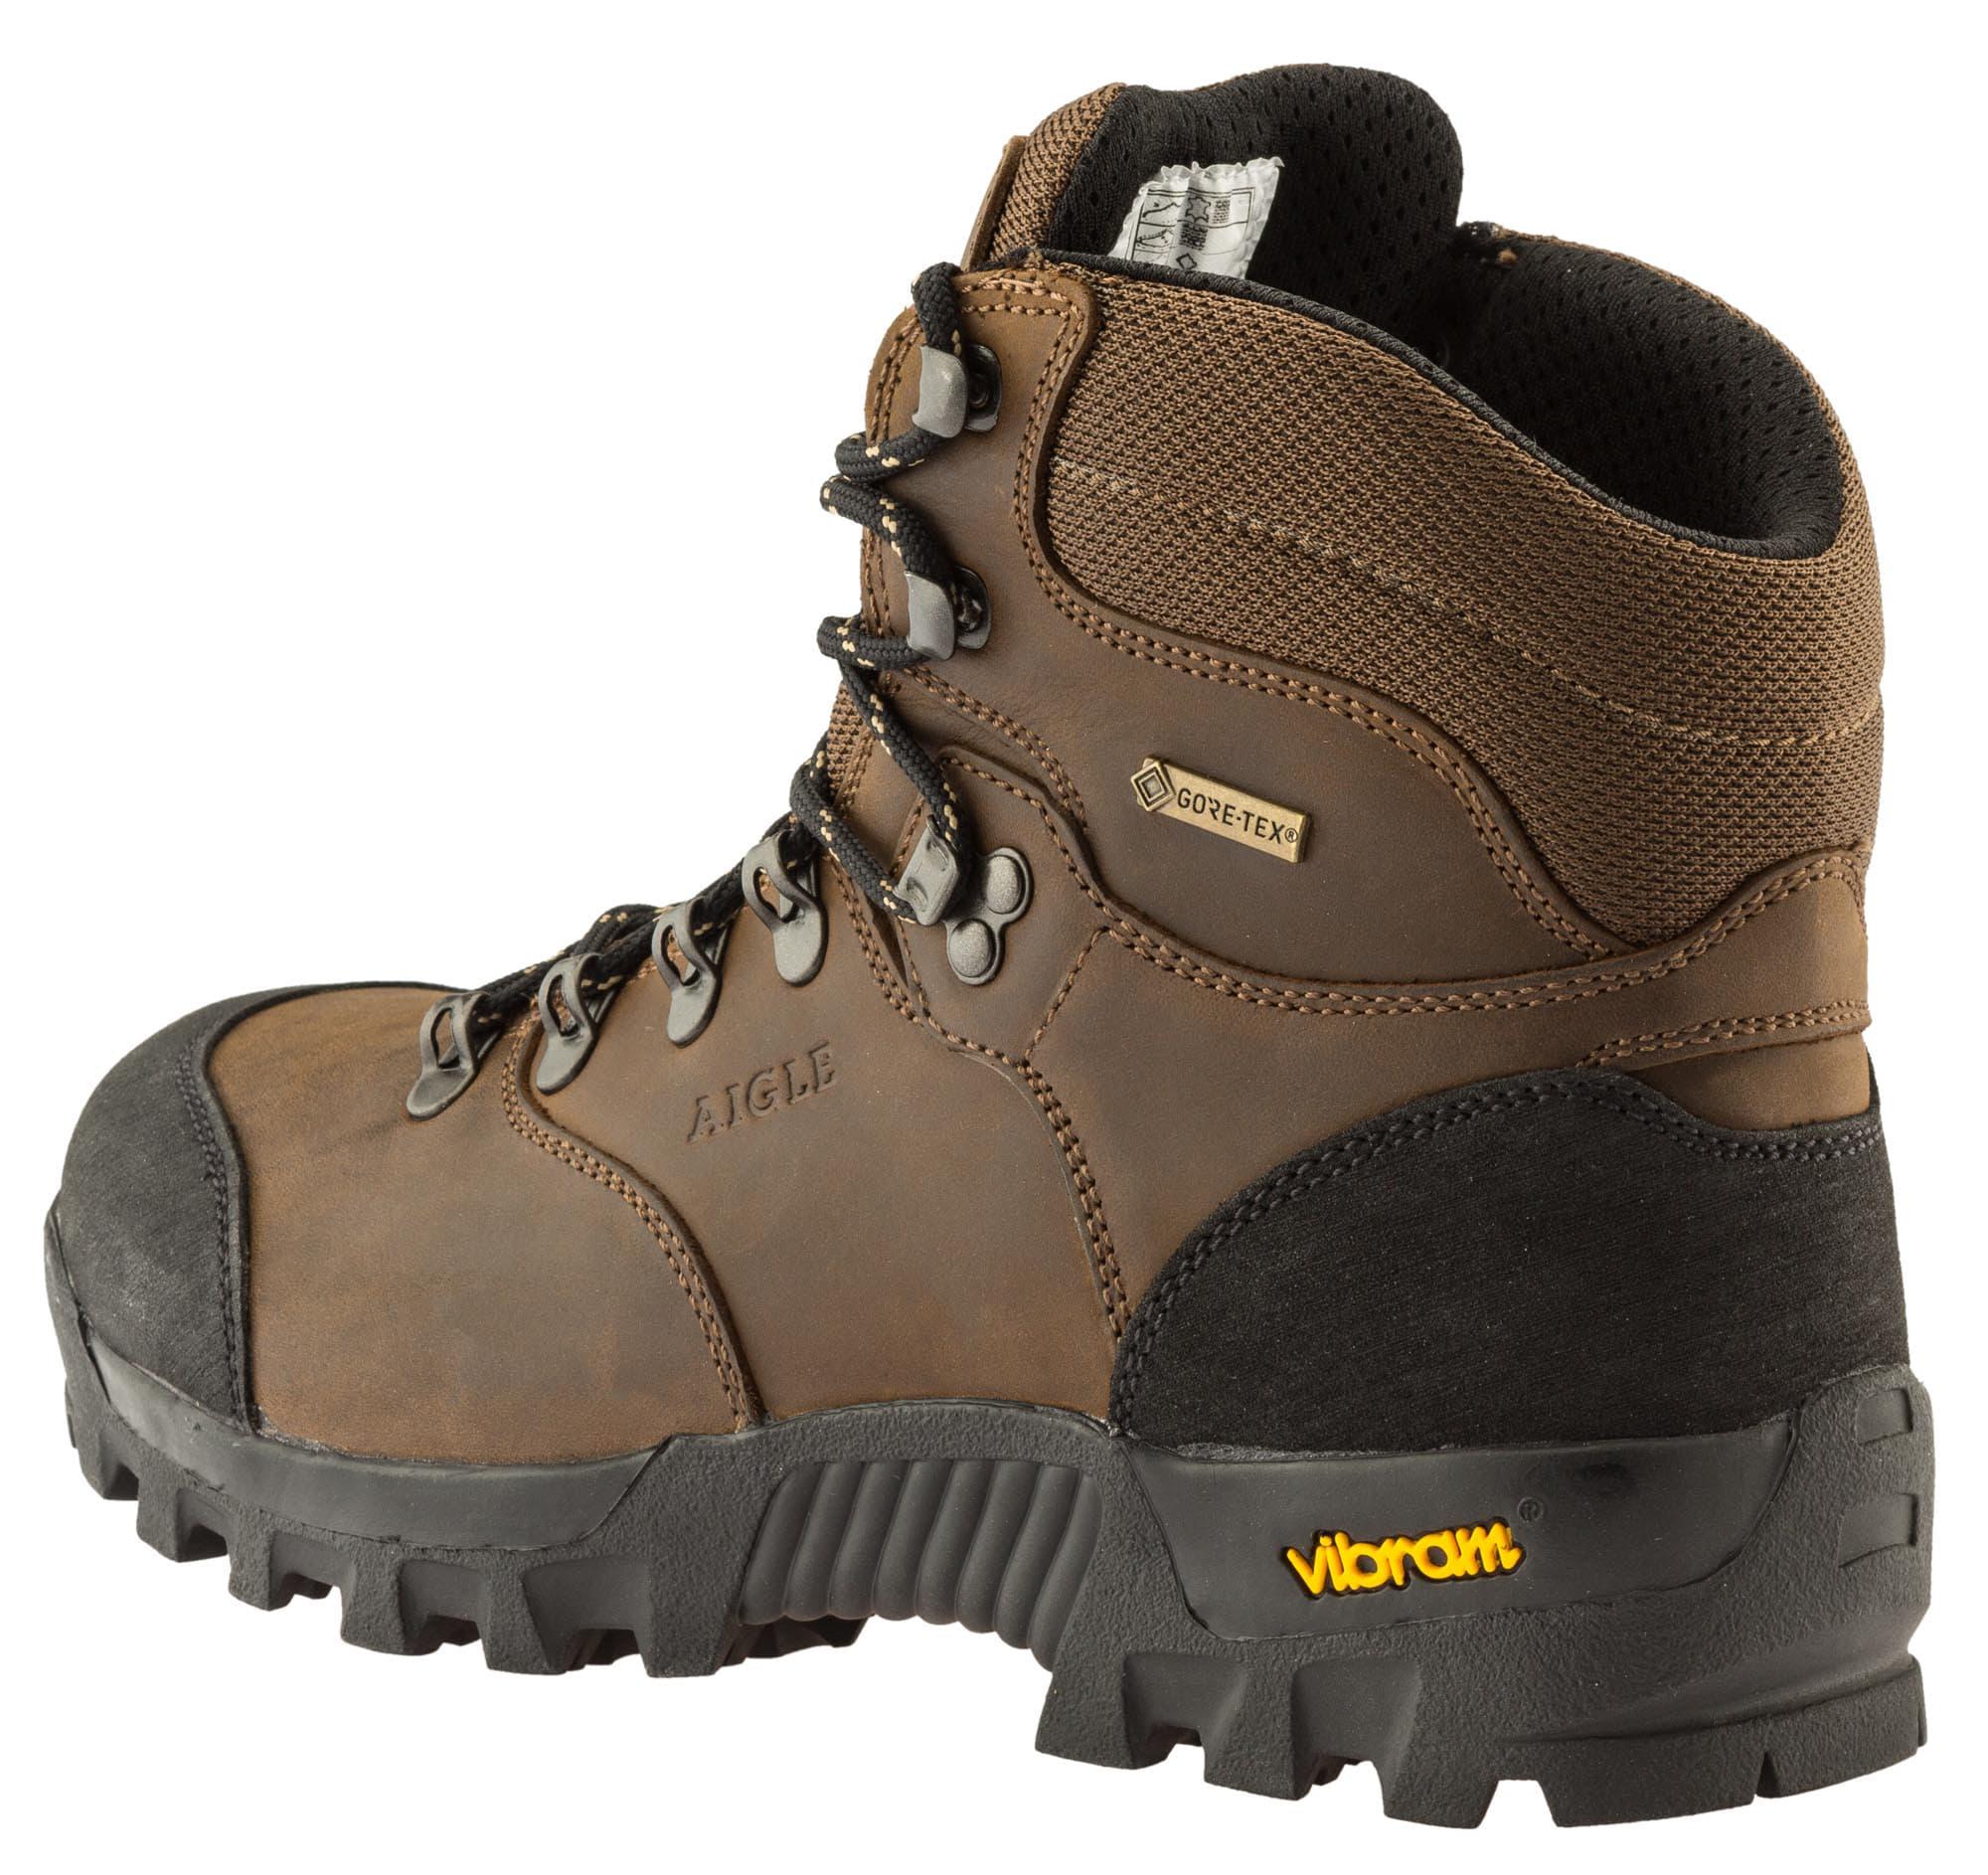 Randonnée Chaussures De Altavio Ltr Aigle D9EHIWY2